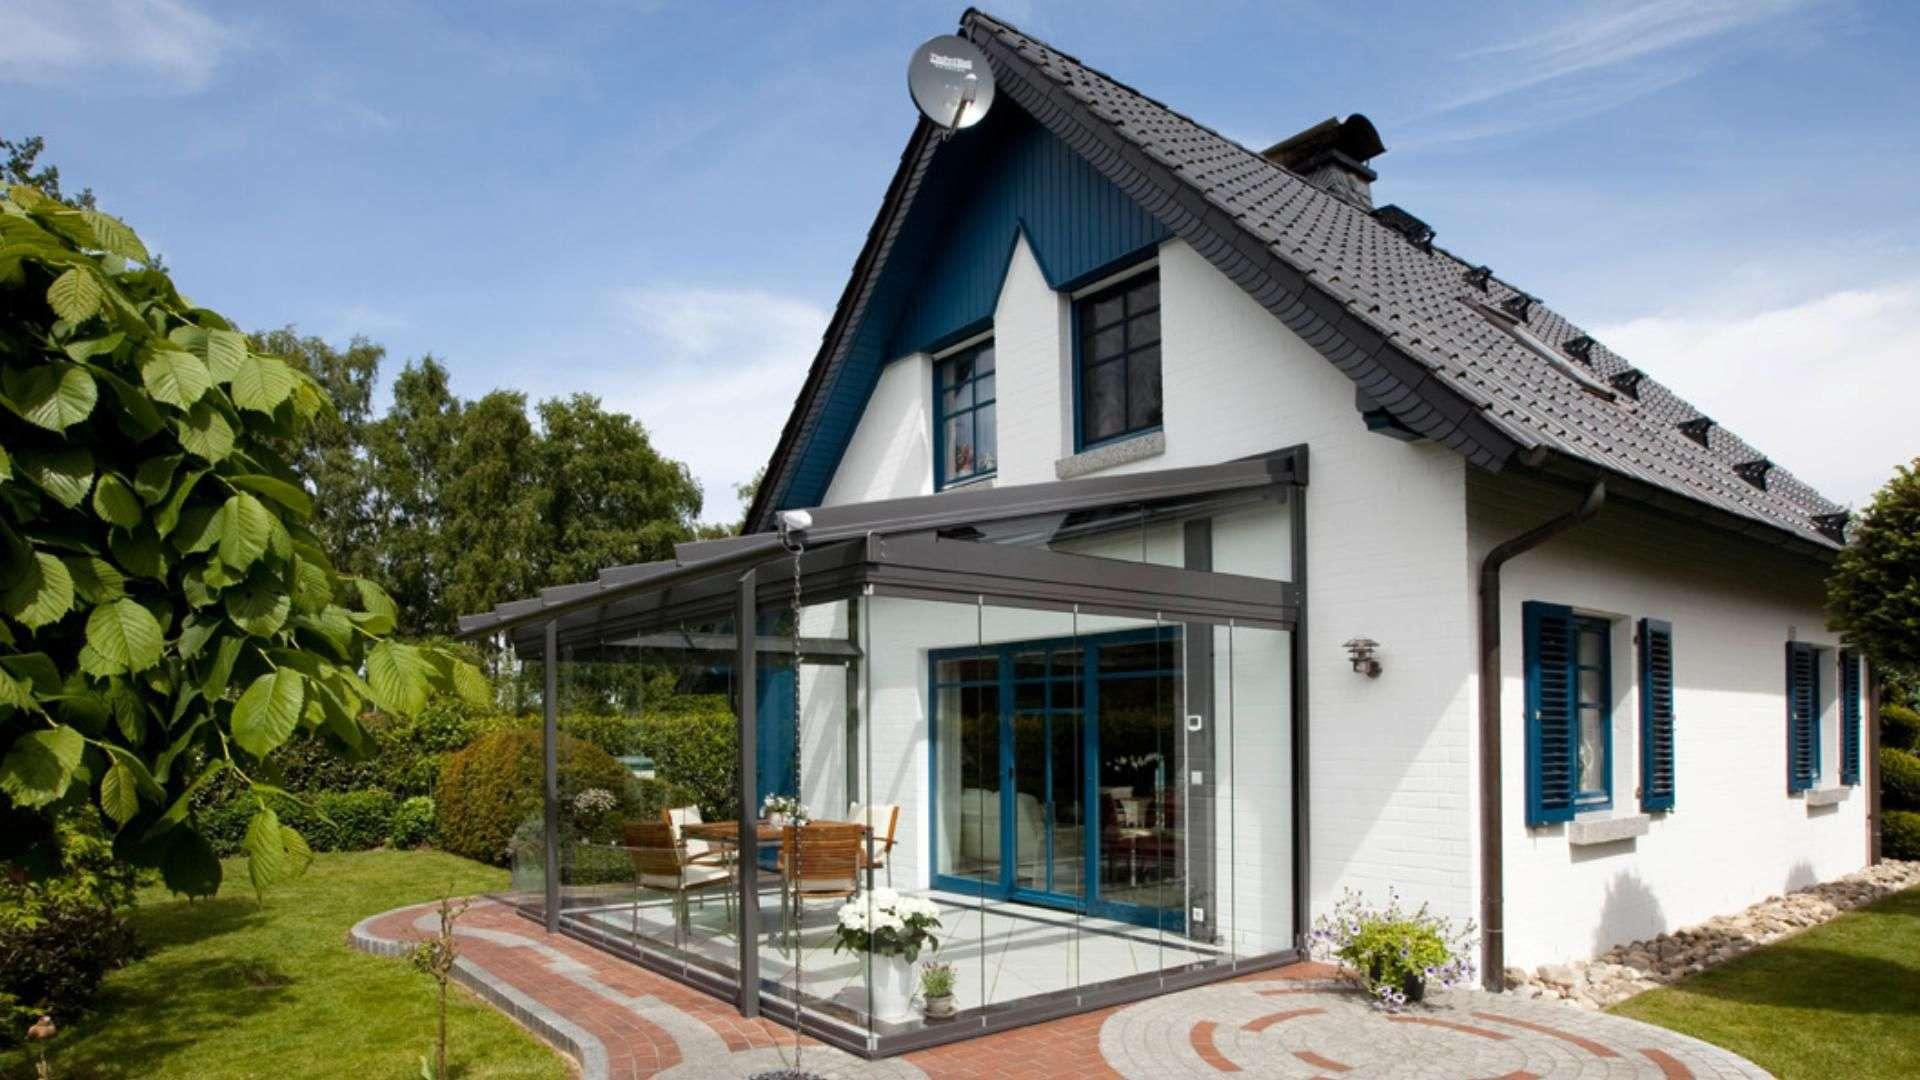 Glashaus an einem Einfamilienhaus mit Garten